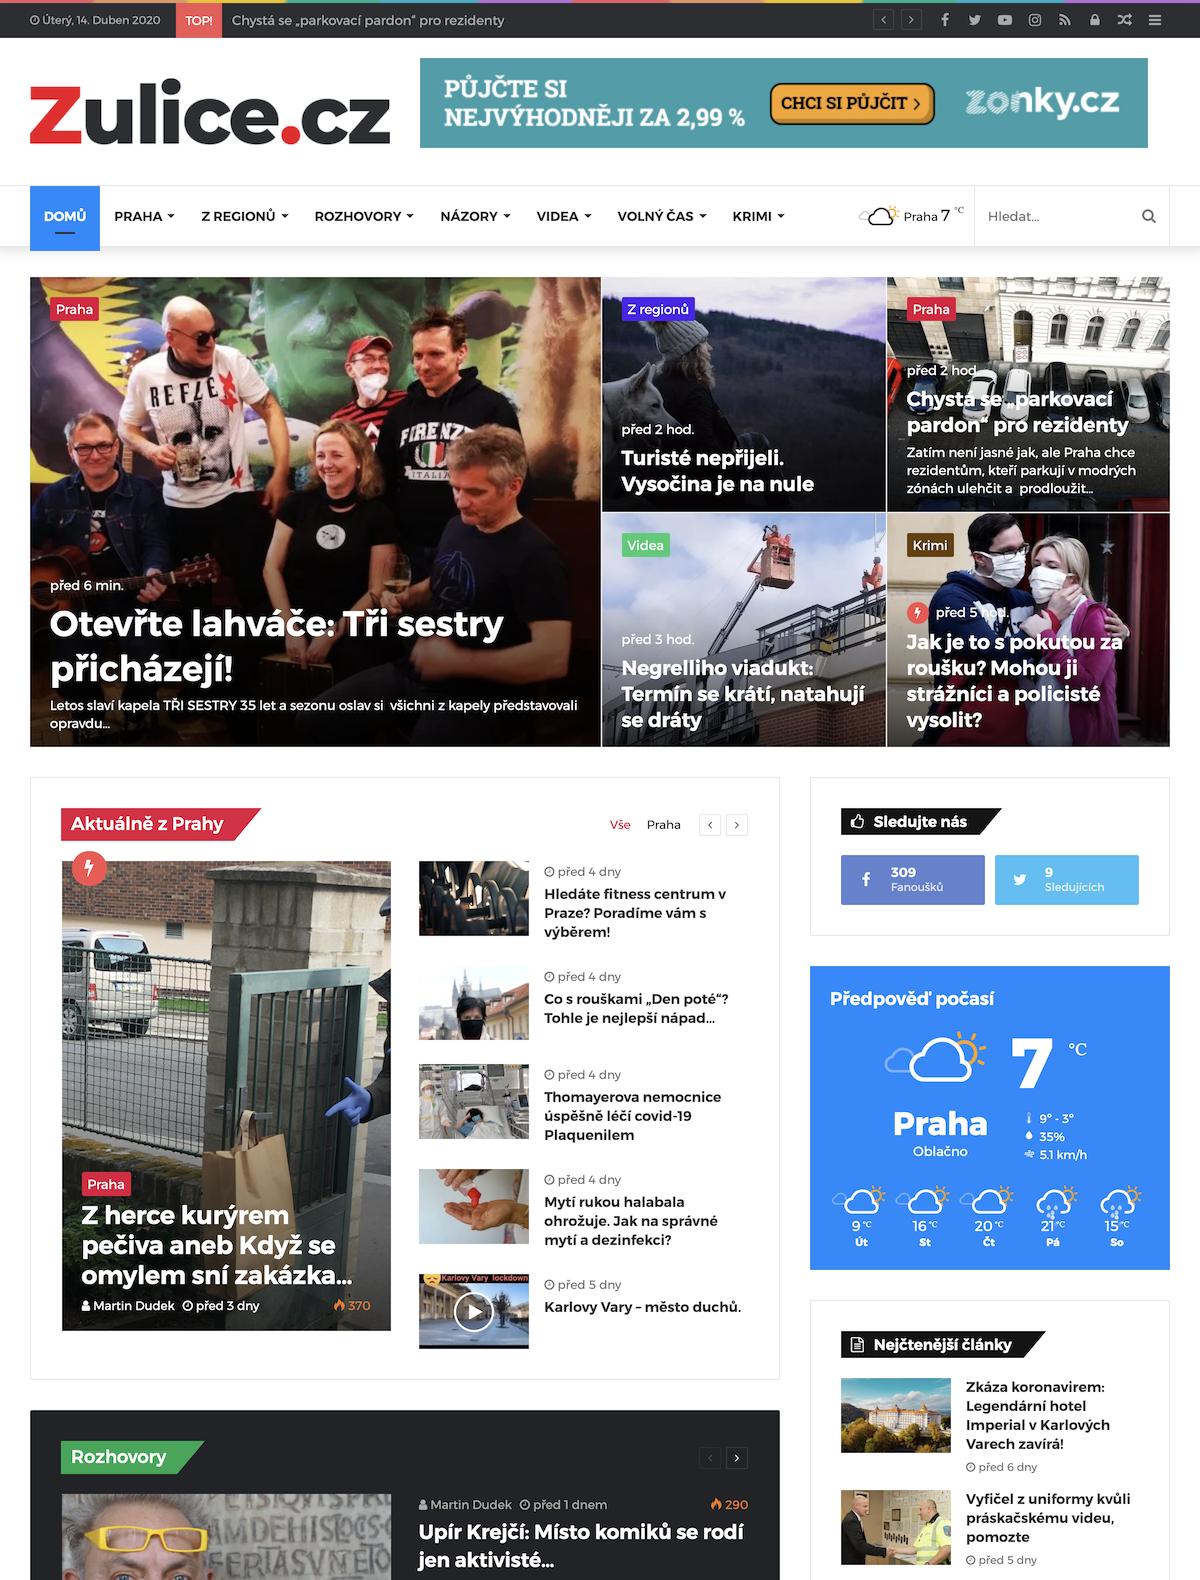 Titulní strana webu Zulice.cz